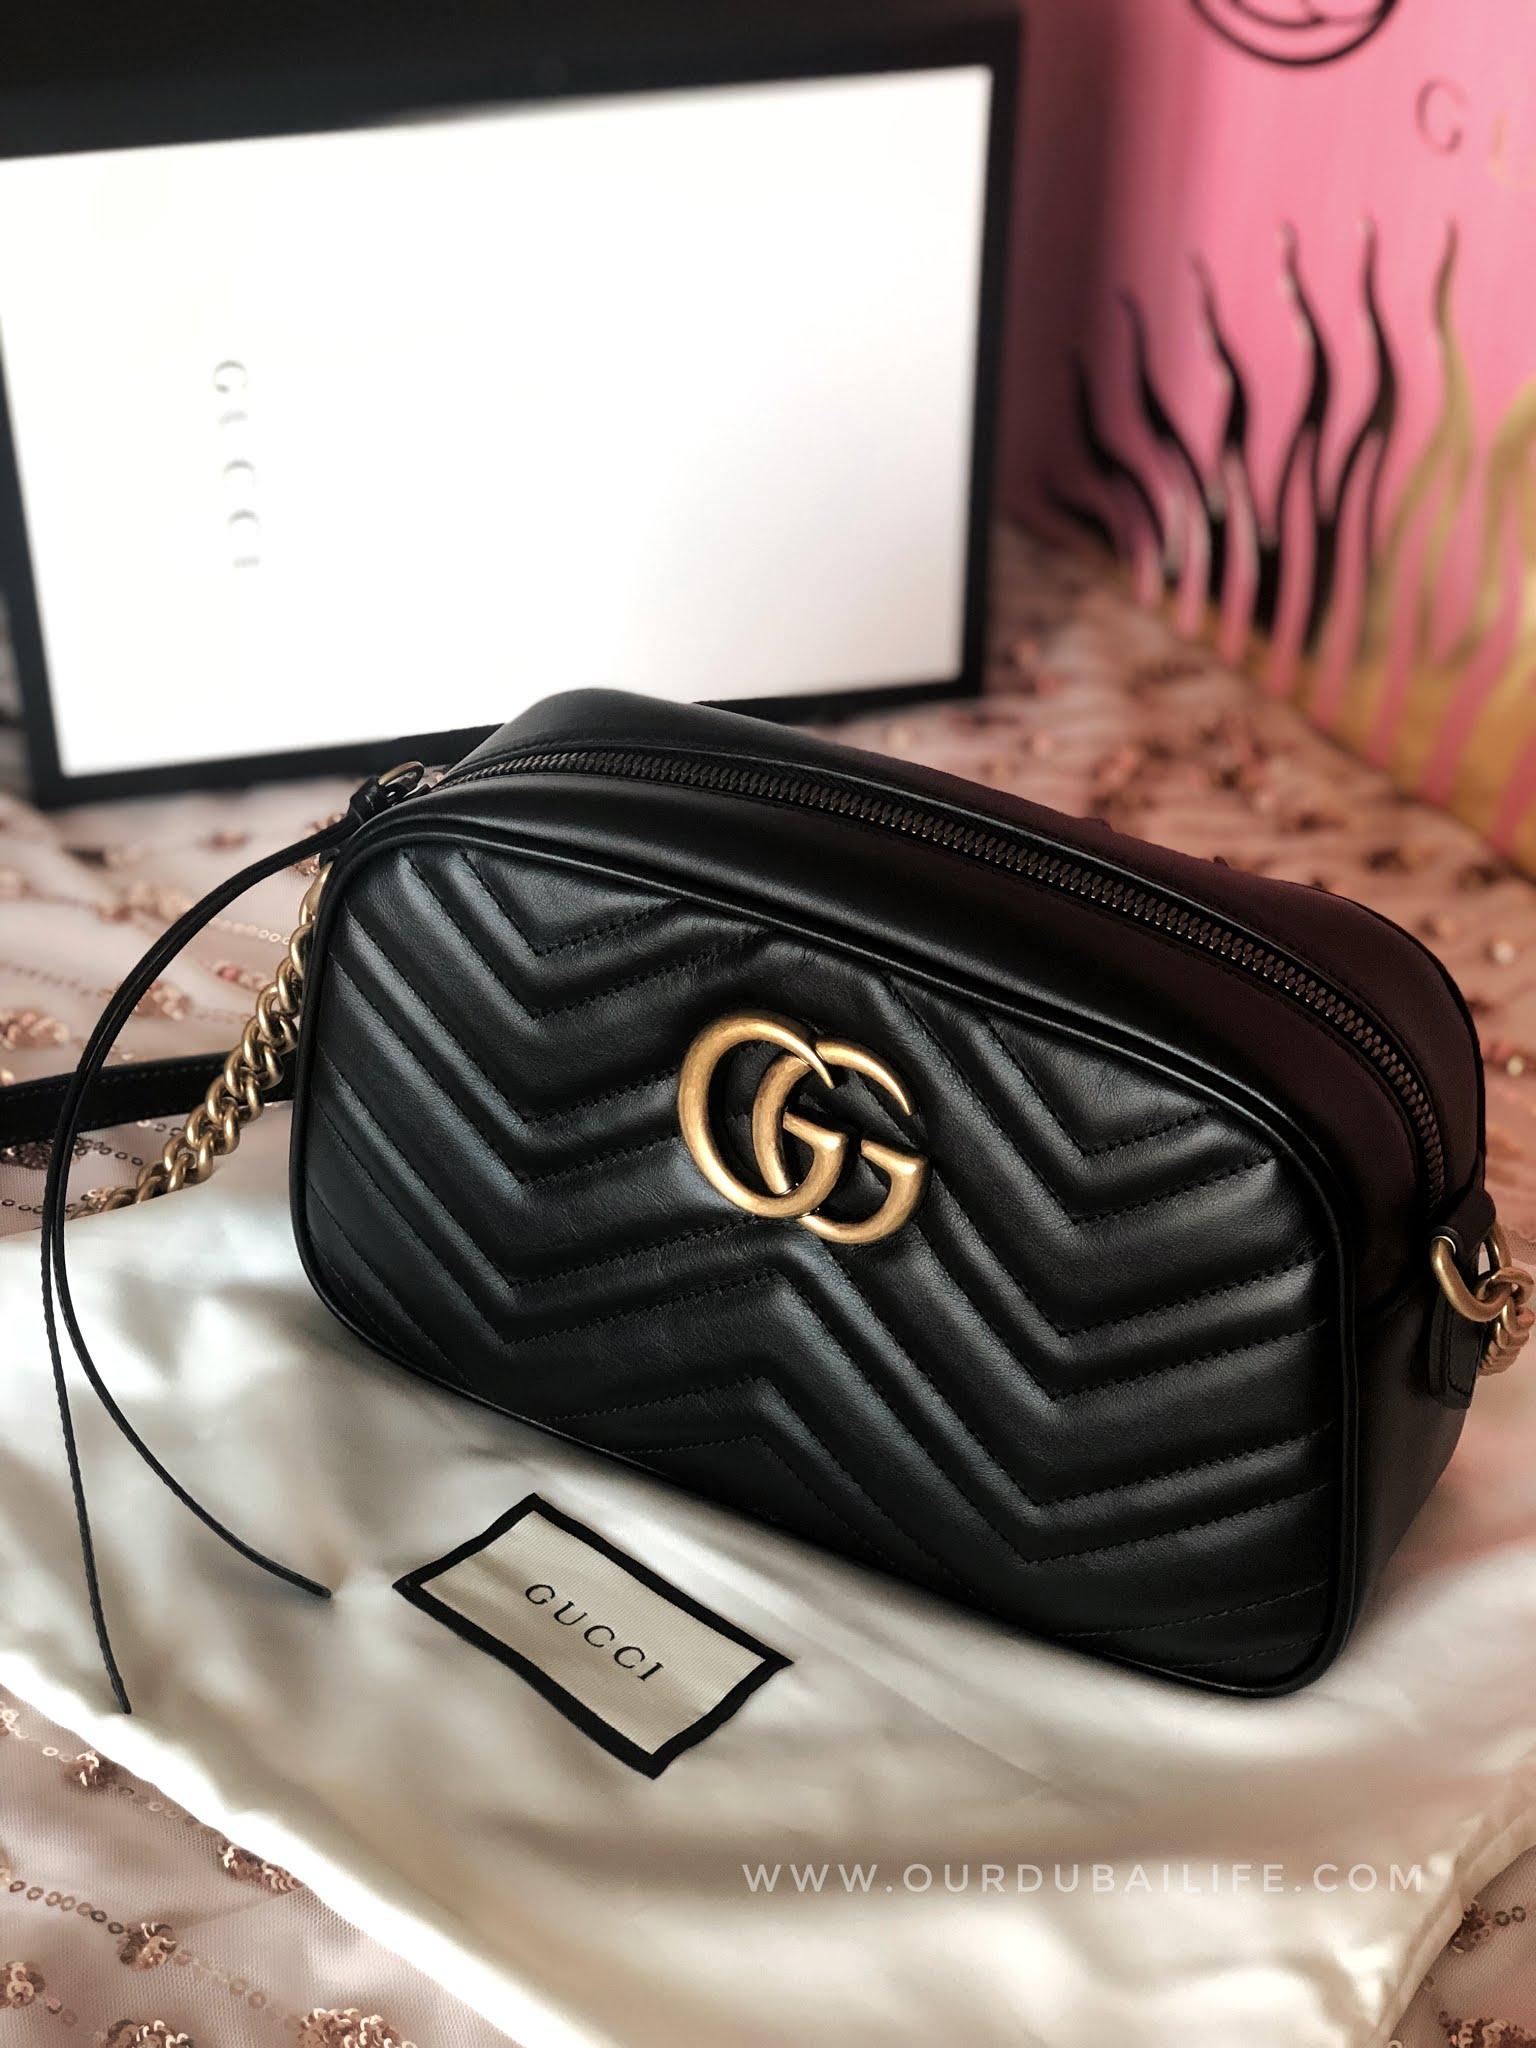 GUCCI MARMONT black camera bag unboxing